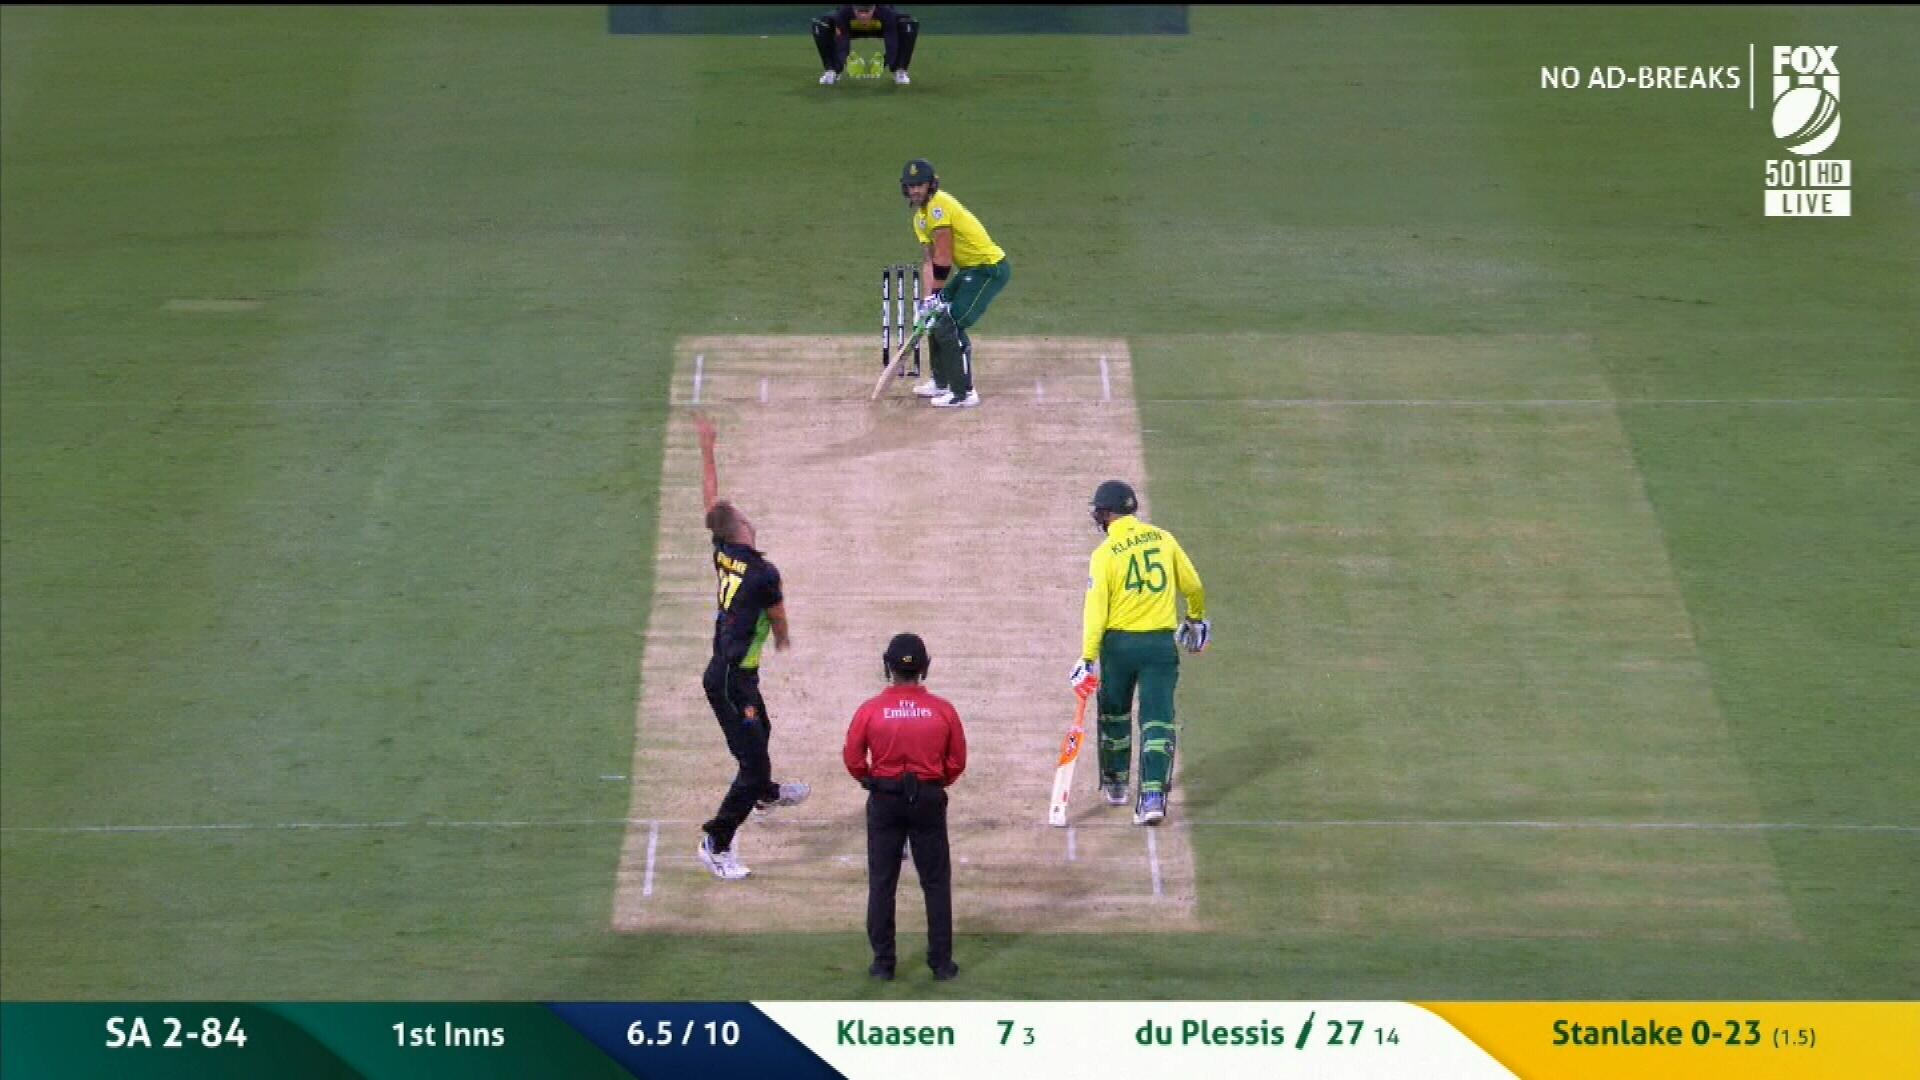 Aussies lose to SA again